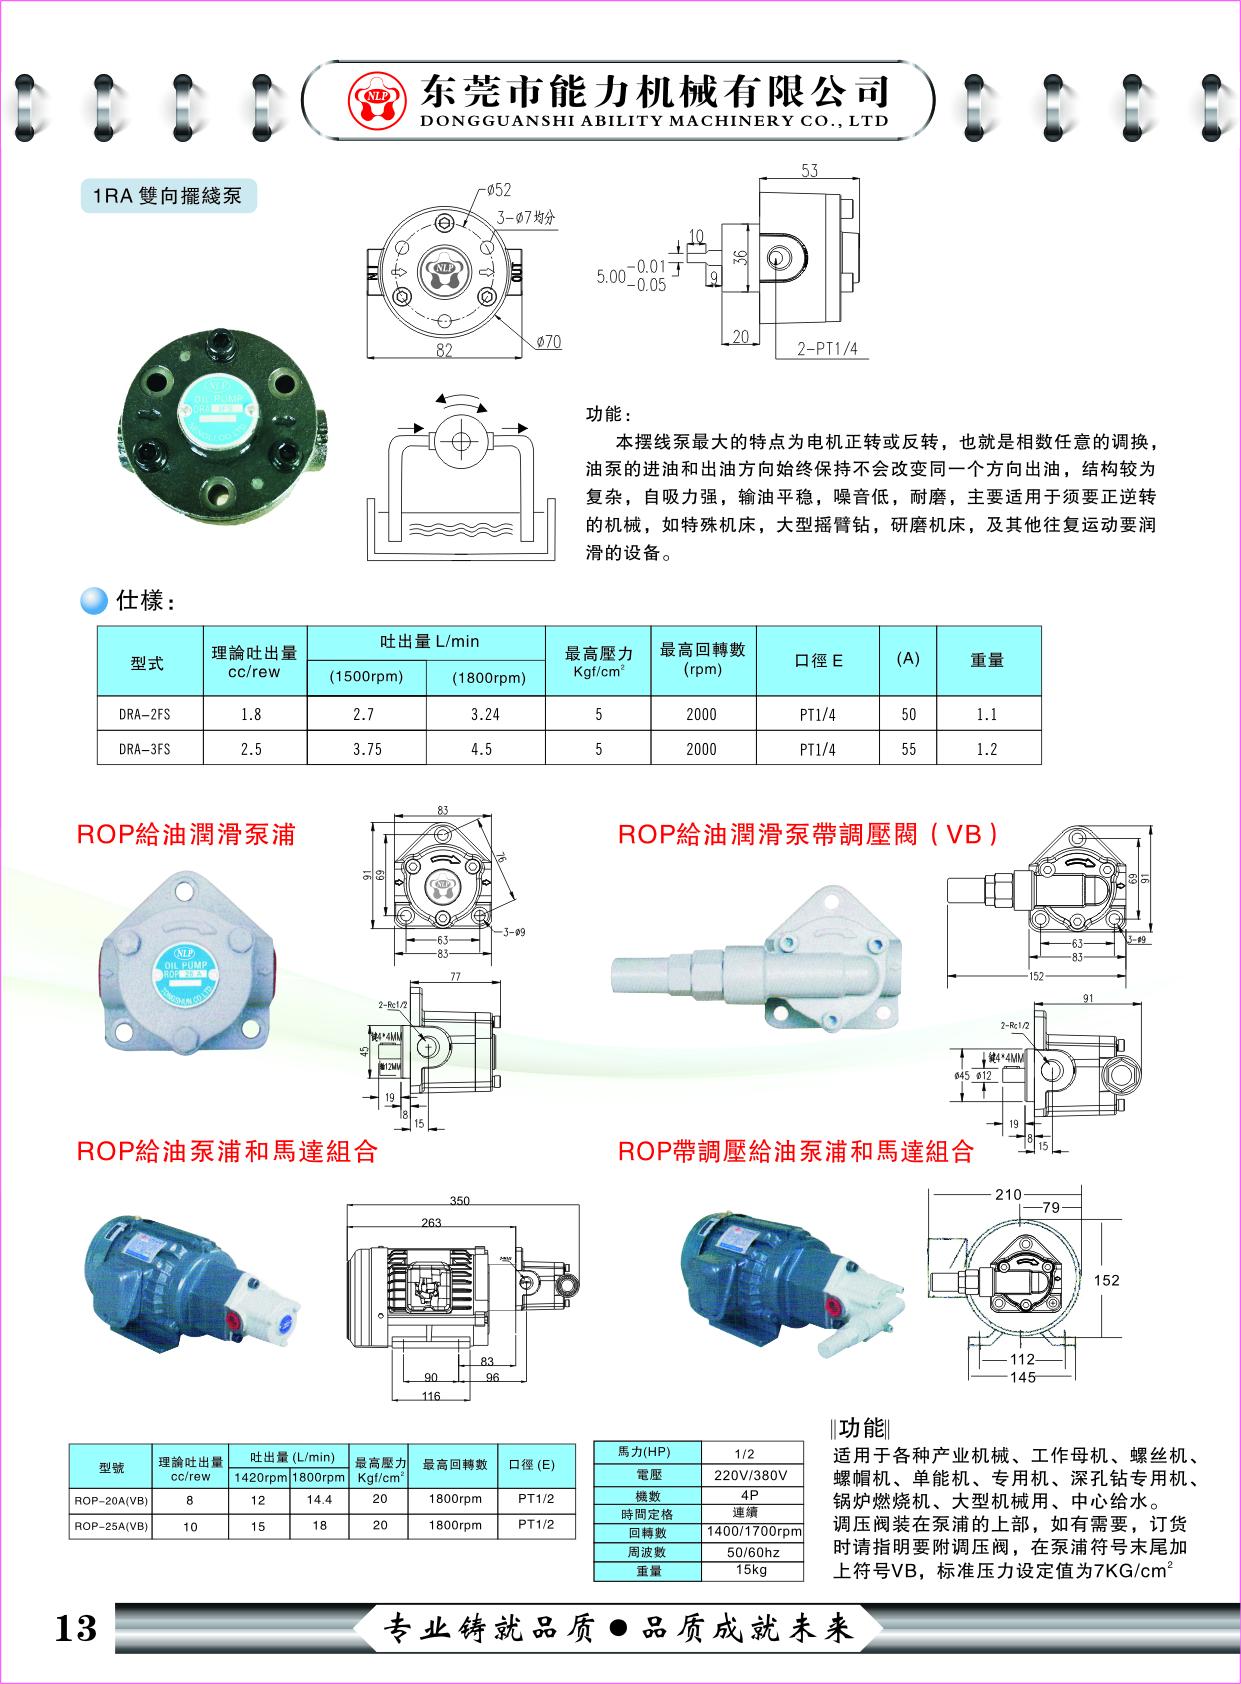 能力机械2019画册-13